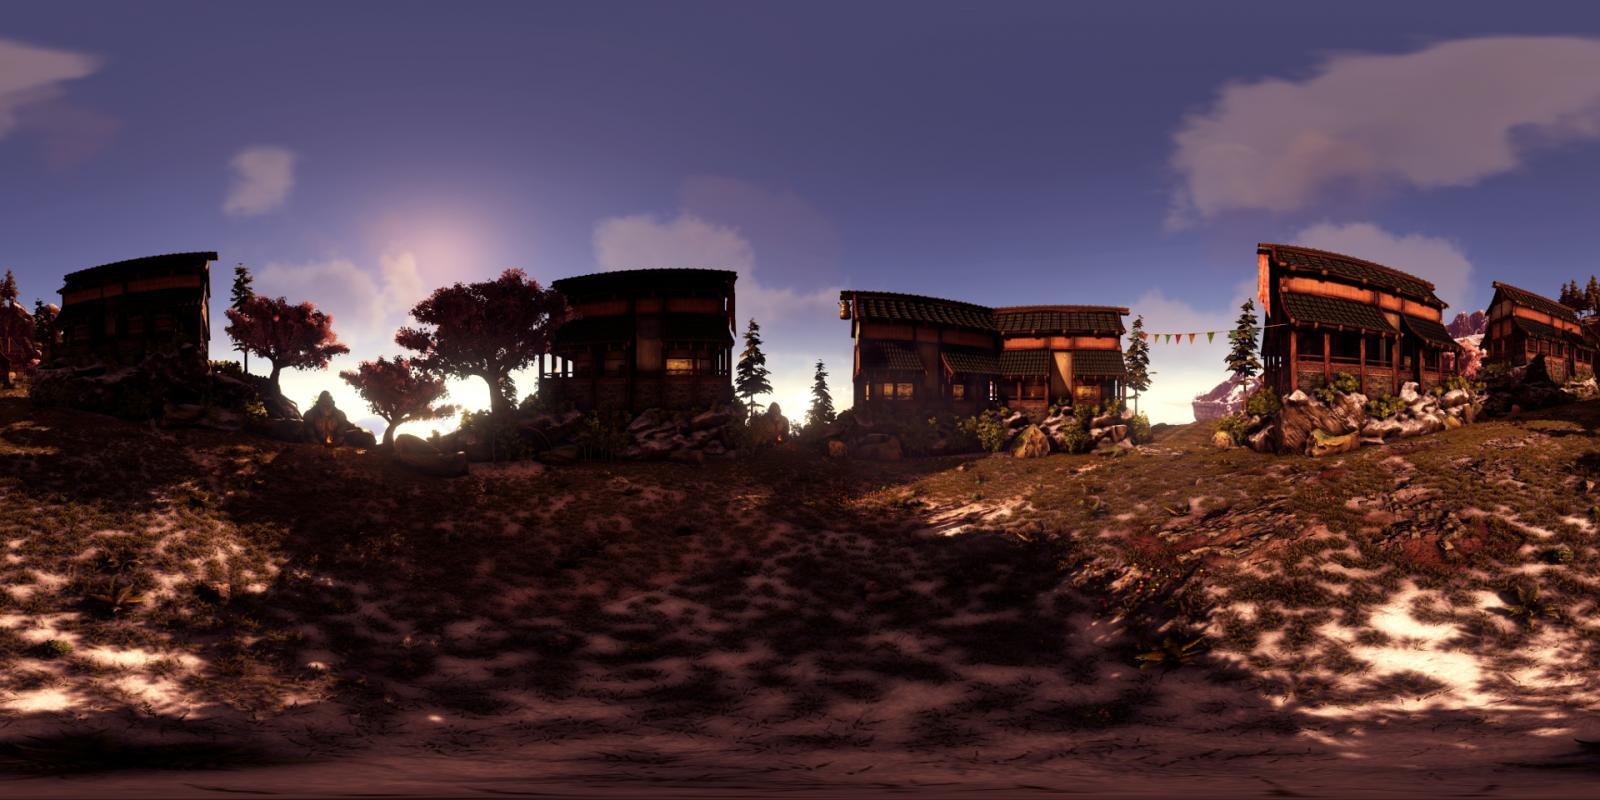 large.5882e6ffa64ec_FataL1ty-SunsetSettlement-Panoramic360Stereoscopic3Dsta.jpg